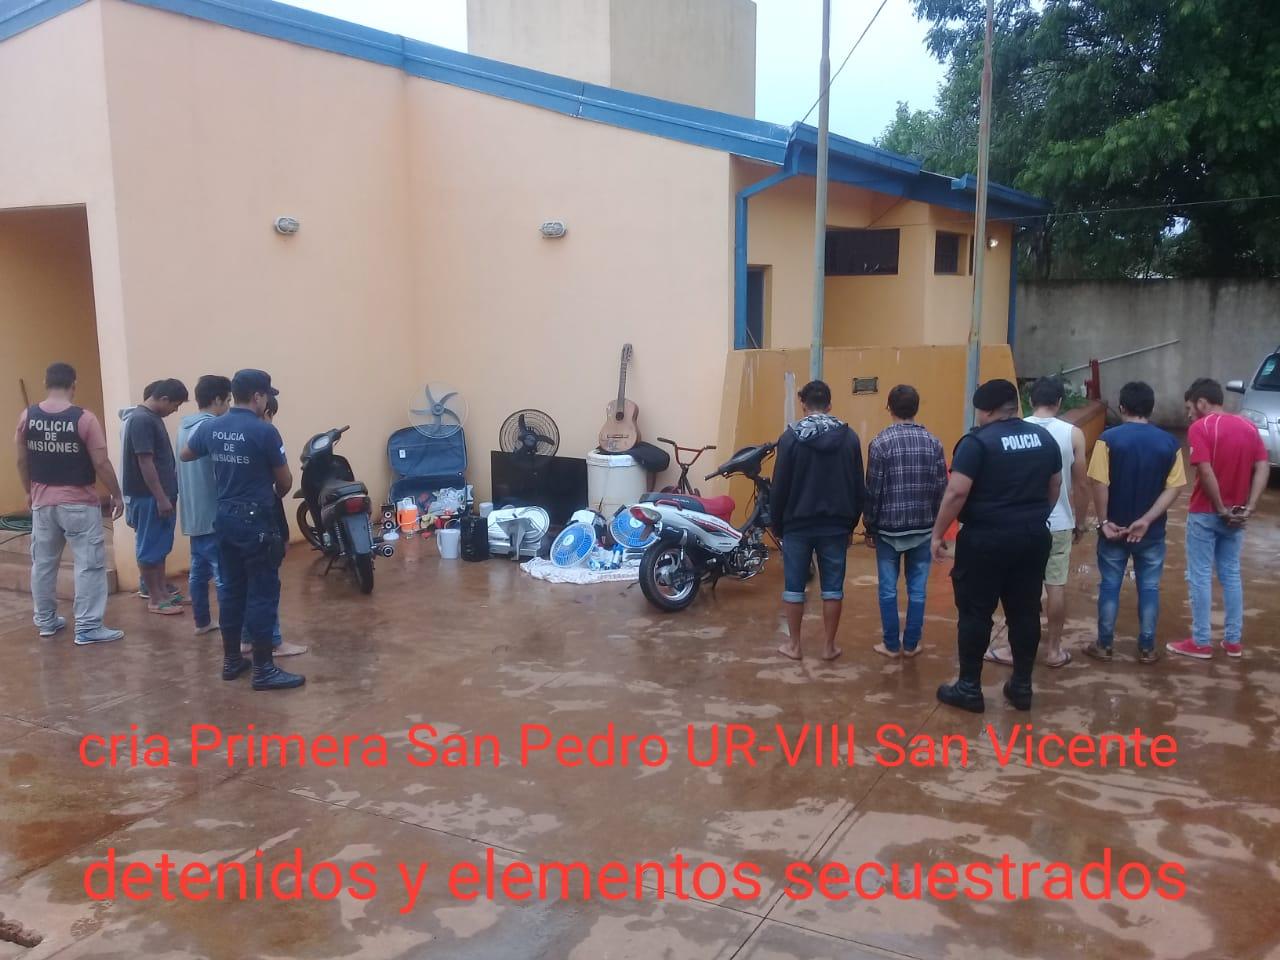 SAN PEDRO: LA POLICÍA REALIZÓ UN MEGA OPERATIVO CON ESCLARECIMIENTO DE DELITOS